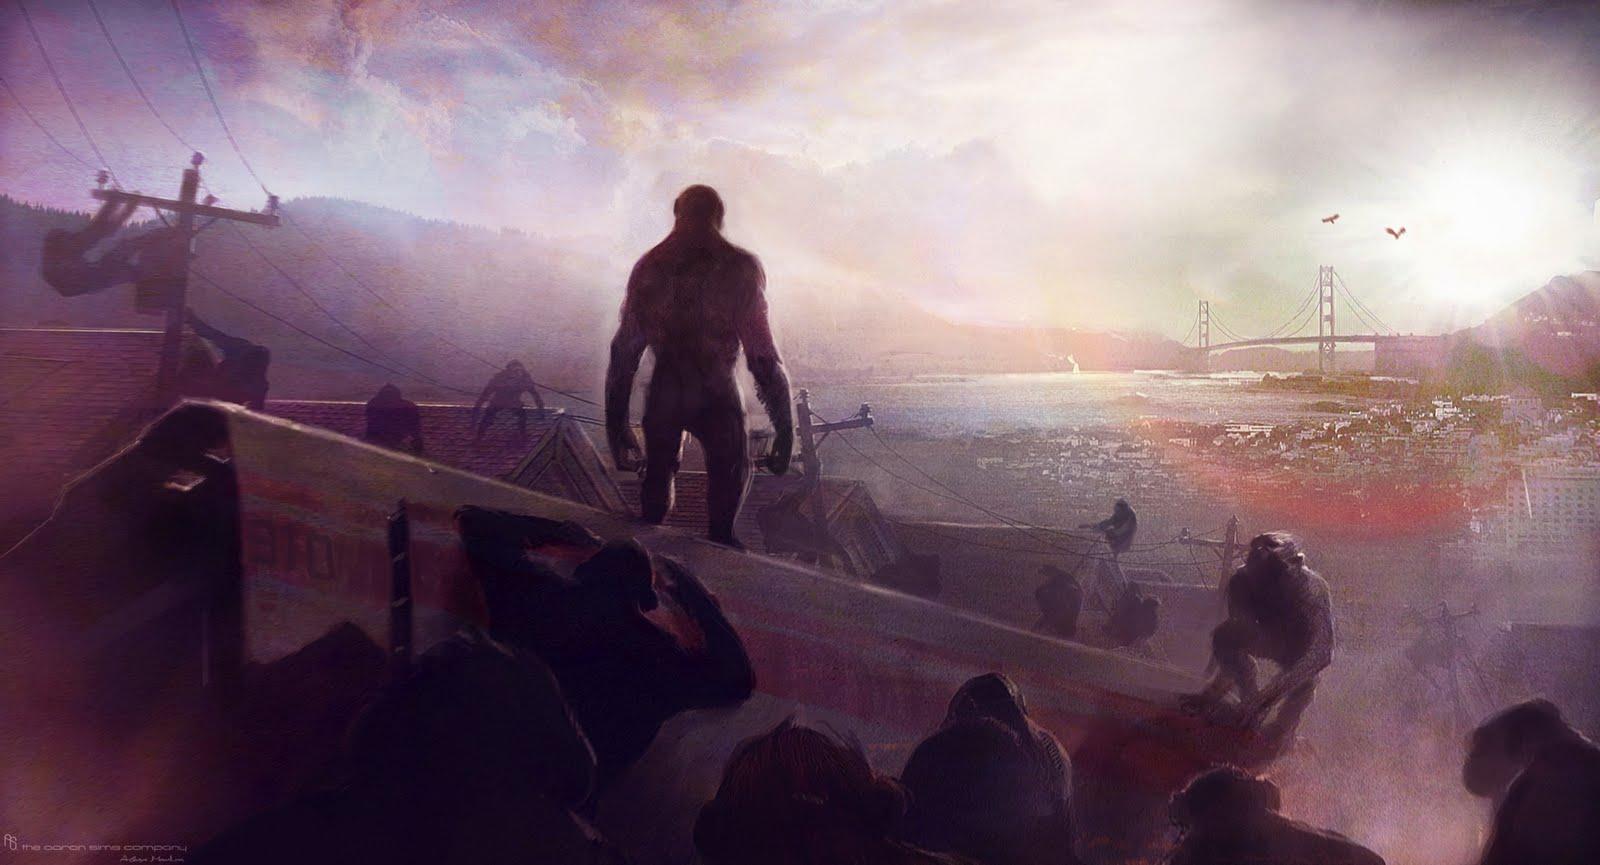 http://4.bp.blogspot.com/-4t83p-50UZc/TekVuYusZSI/AAAAAAAAAs0/kgZkrZ3thlM/s1600/rise-of-the-planet-of-the-apes-art-2.jpg